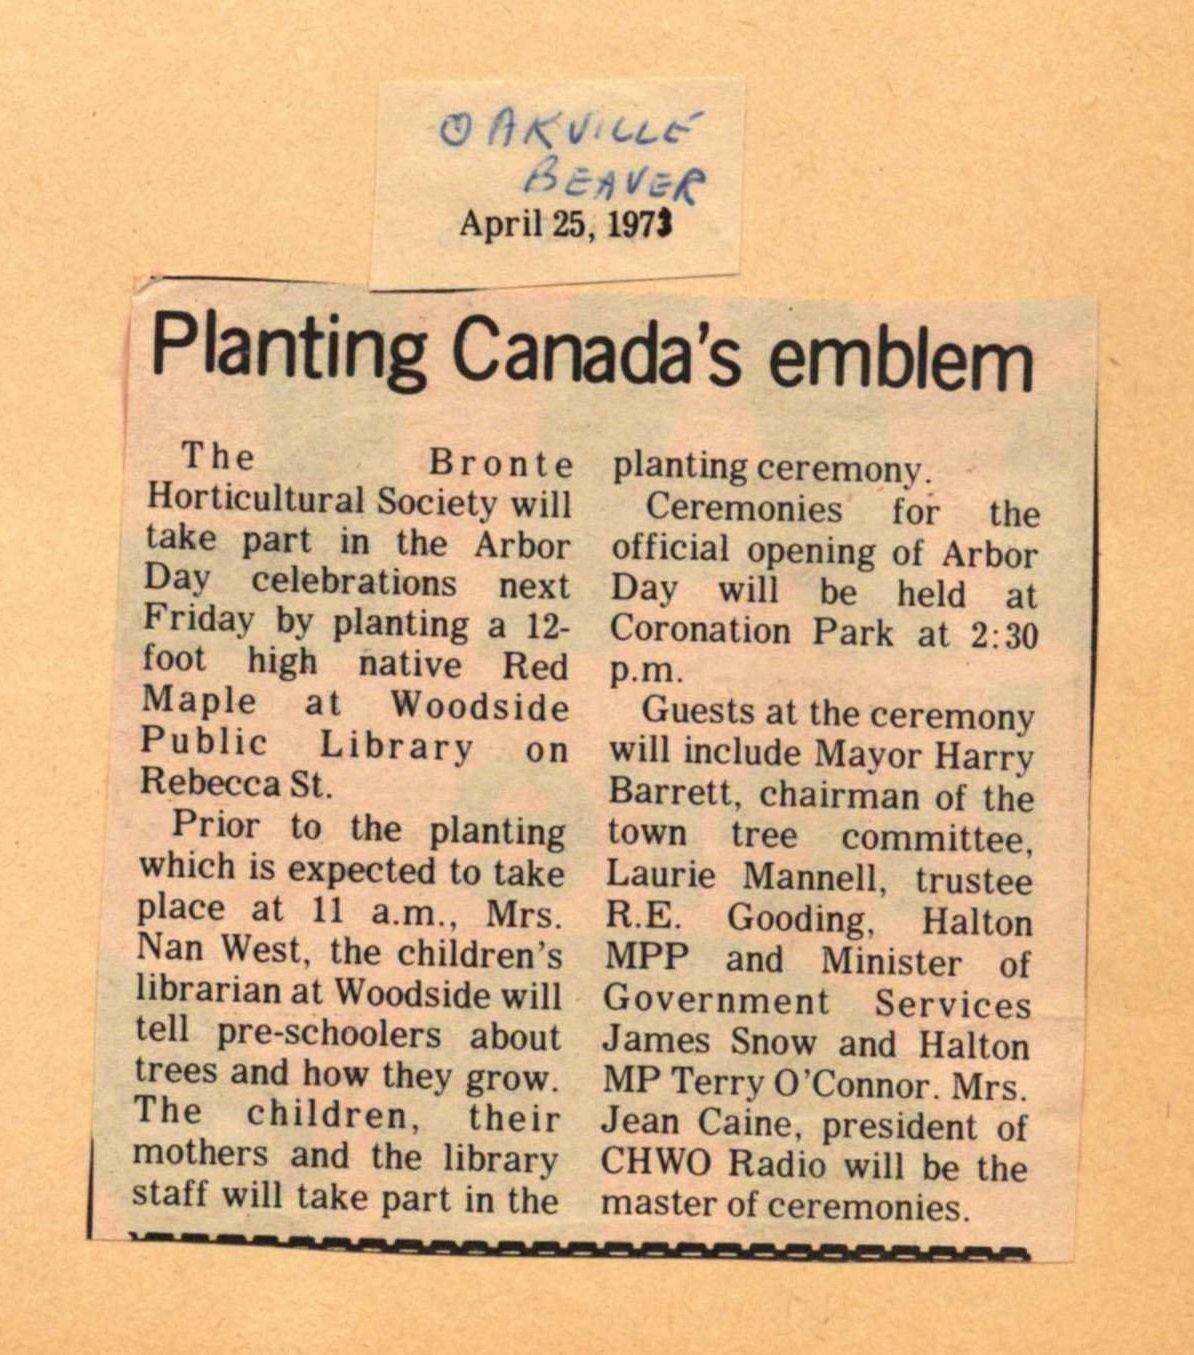 Planting Canada's emblem